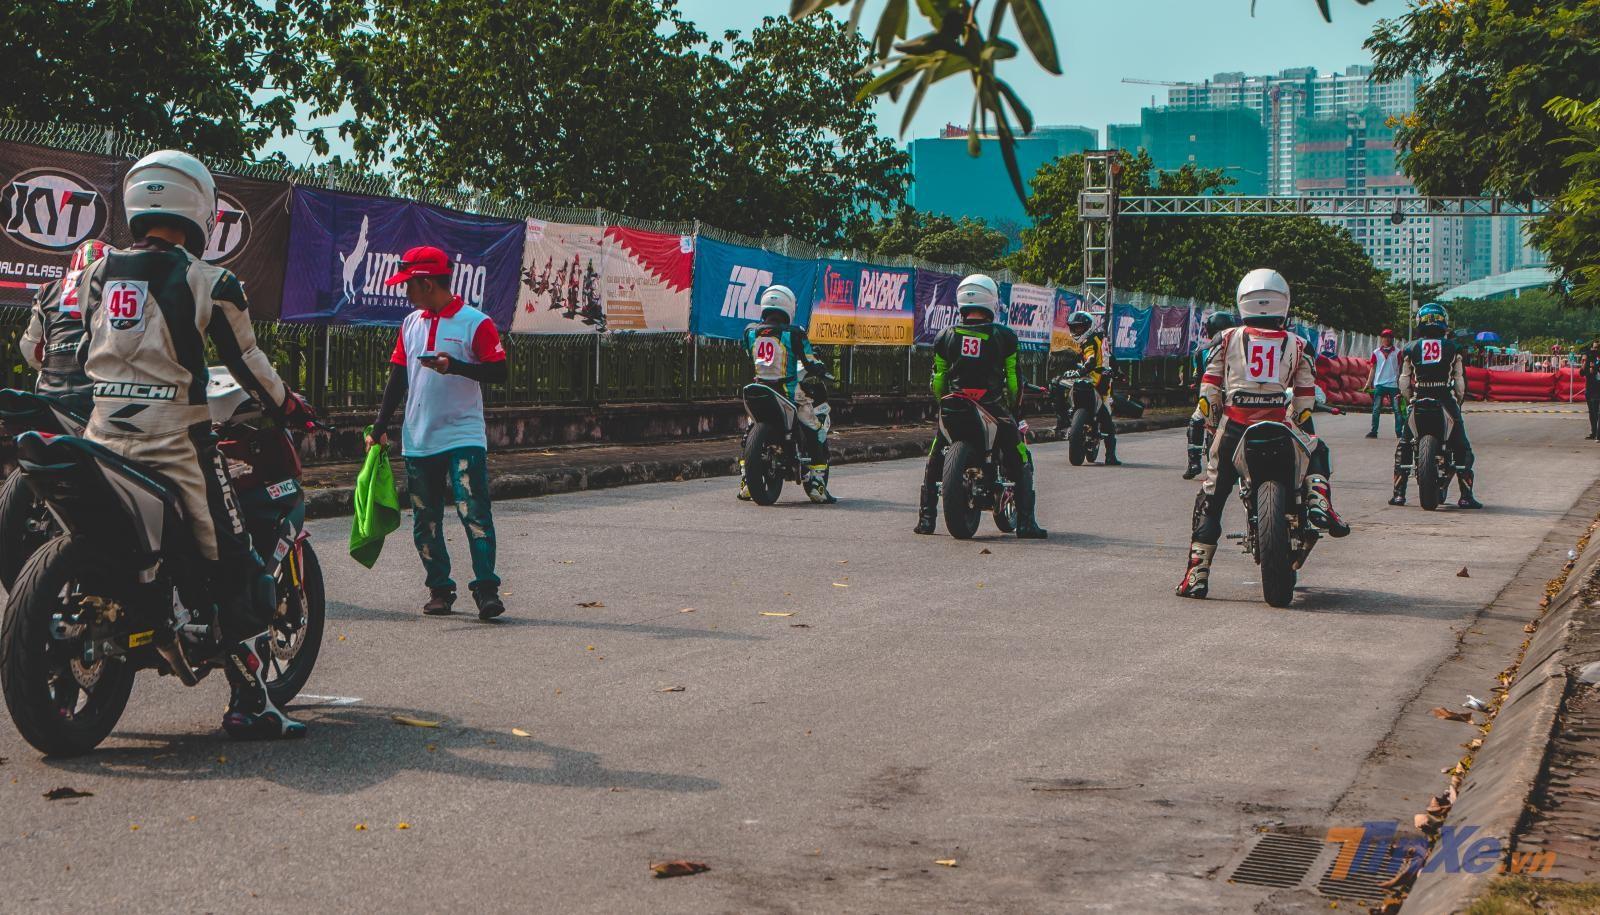 Chùm ảnh: Giải đua VMRC 2019 lần đầu tiên được tổ chức tại Hà Nội - 19